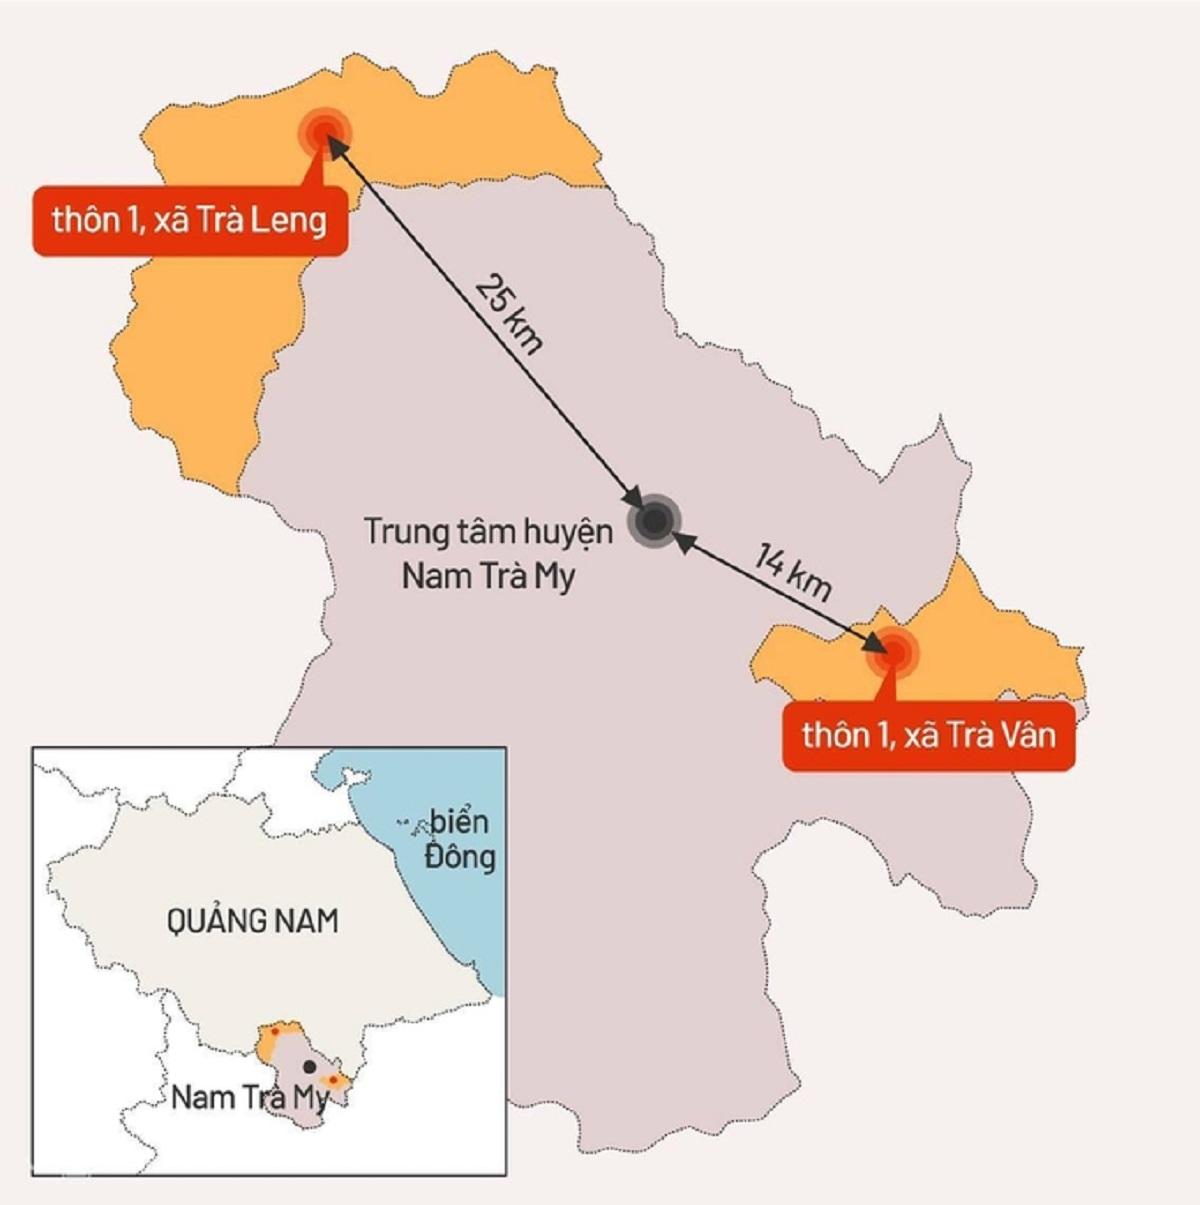 Xã Trà Leng và xã Trà Vân cách nhau 45 km; giao thông khó khăn, địa hình phức tạp, chủ yếu là gò đồi xen với ruộng bậc thang. Đồ hoạ:Tiến Thành.